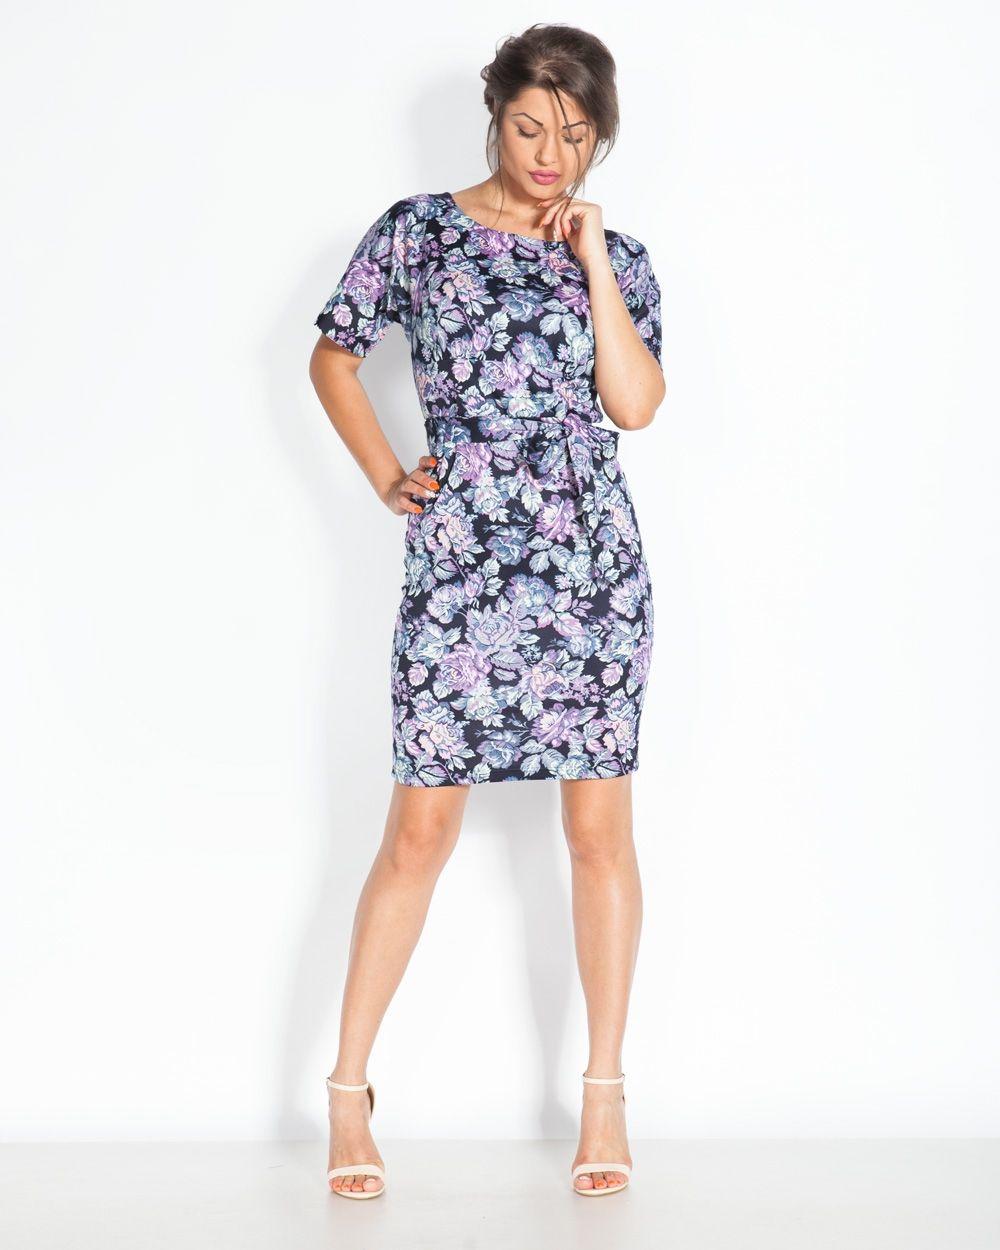 Тъмносиня дамска рокля на лилави цветя - Loca #онлайн #пазаруване #дрехи #рокля #права #късръкав #неопрен #цветя #тъмносиньо #илаво #бяло